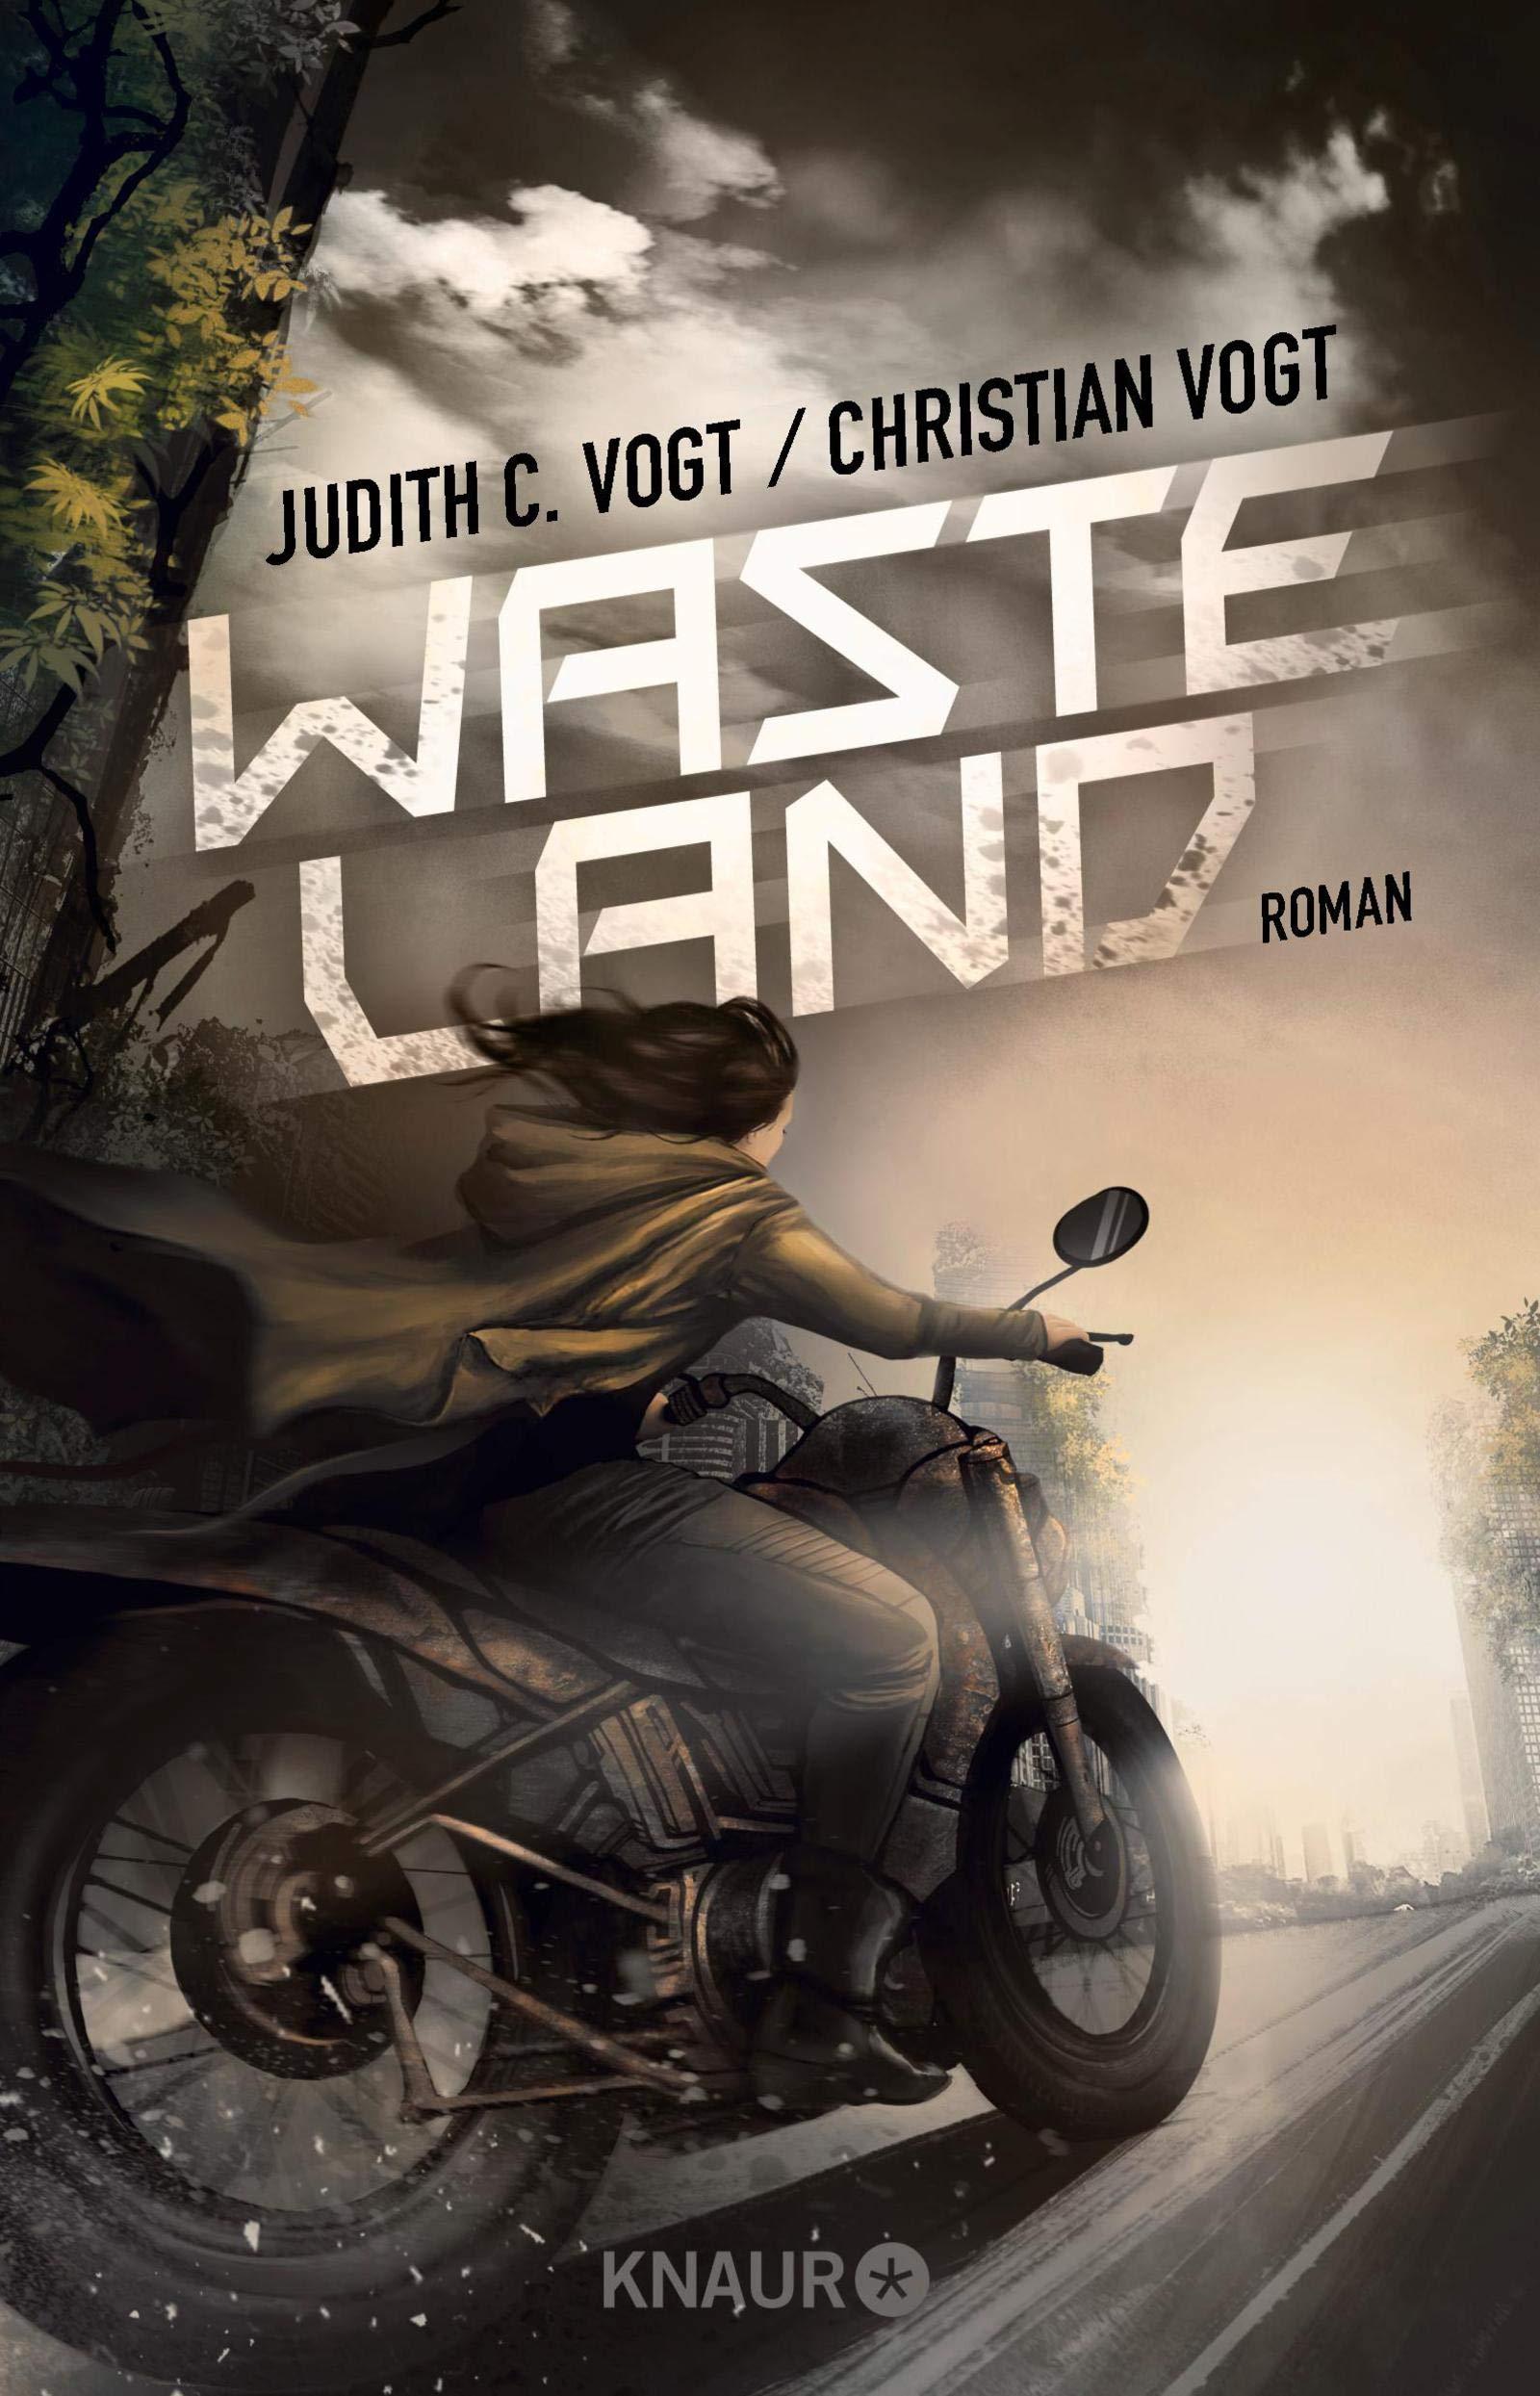 vogt_judith_Wasteland_phantastik-autoren-netzwerk.JPG